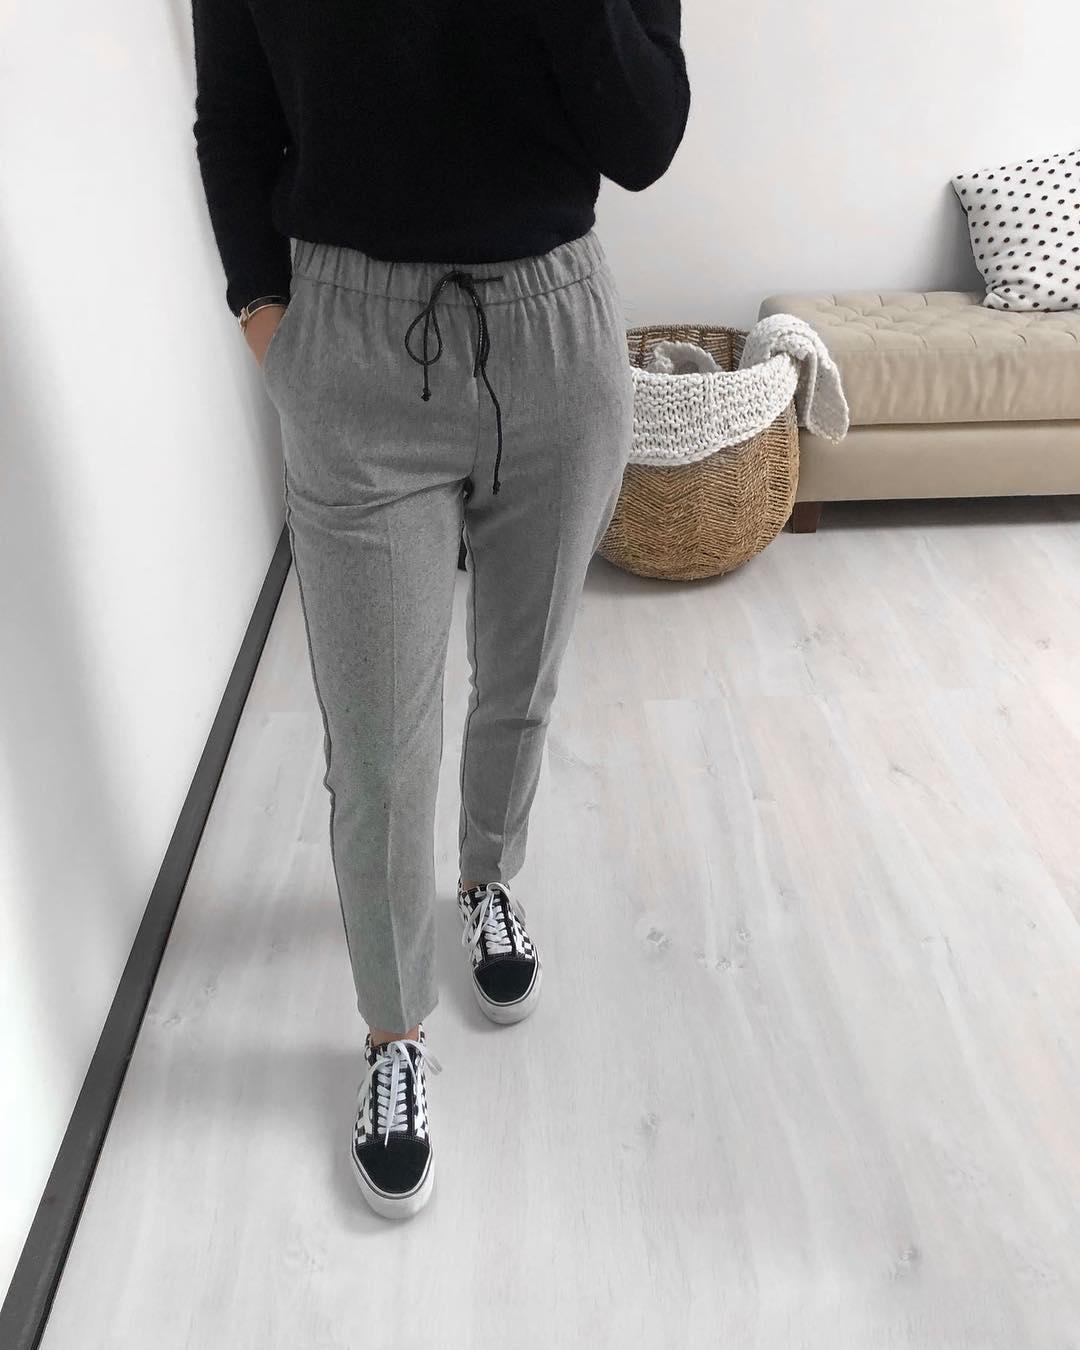 pantalon gris clair de Les Bourgeoises sur scanlesbourgeoises